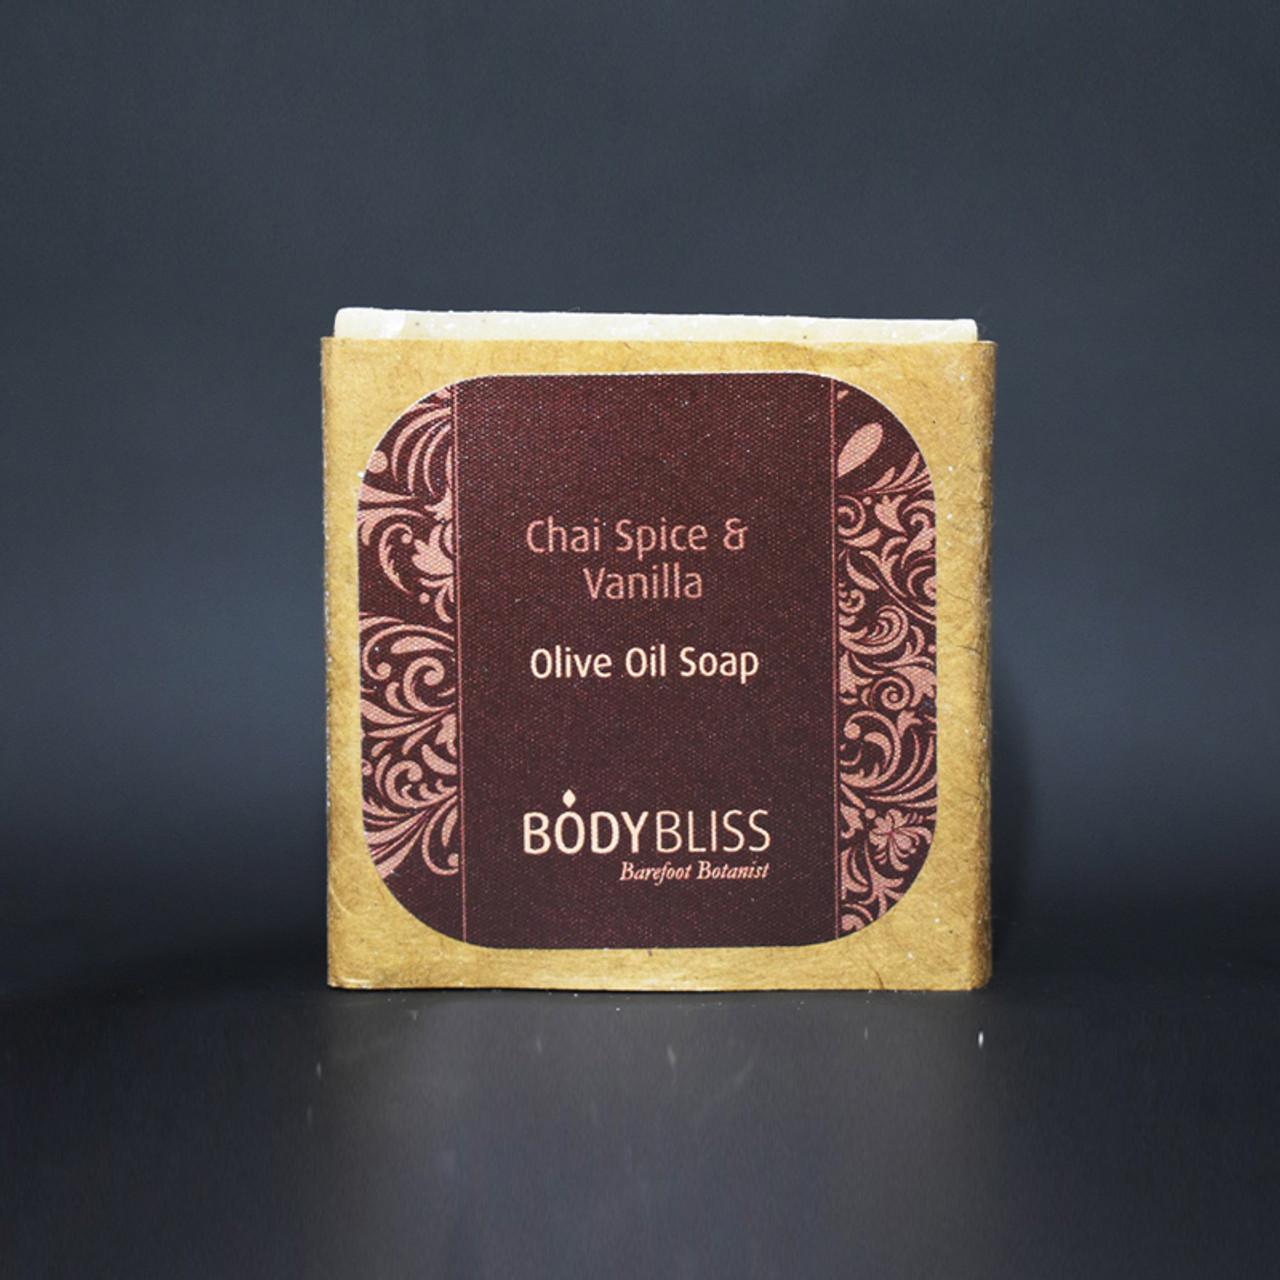 Chai Spice & Vanilla Olive Oil Soap